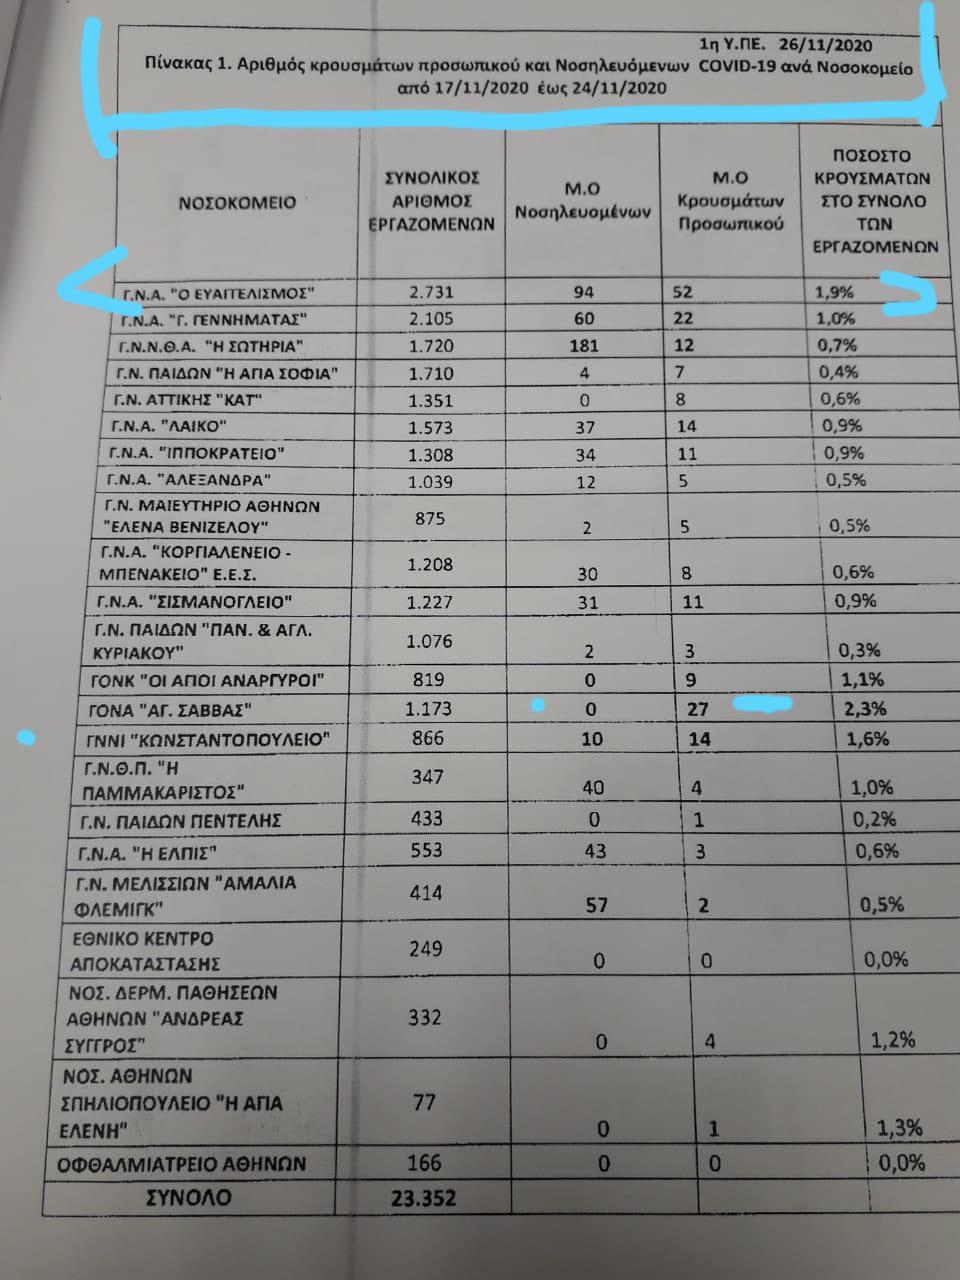 Αριθμός κρουσμάτων στους εργαζόμενους ανά νοσοκομείο